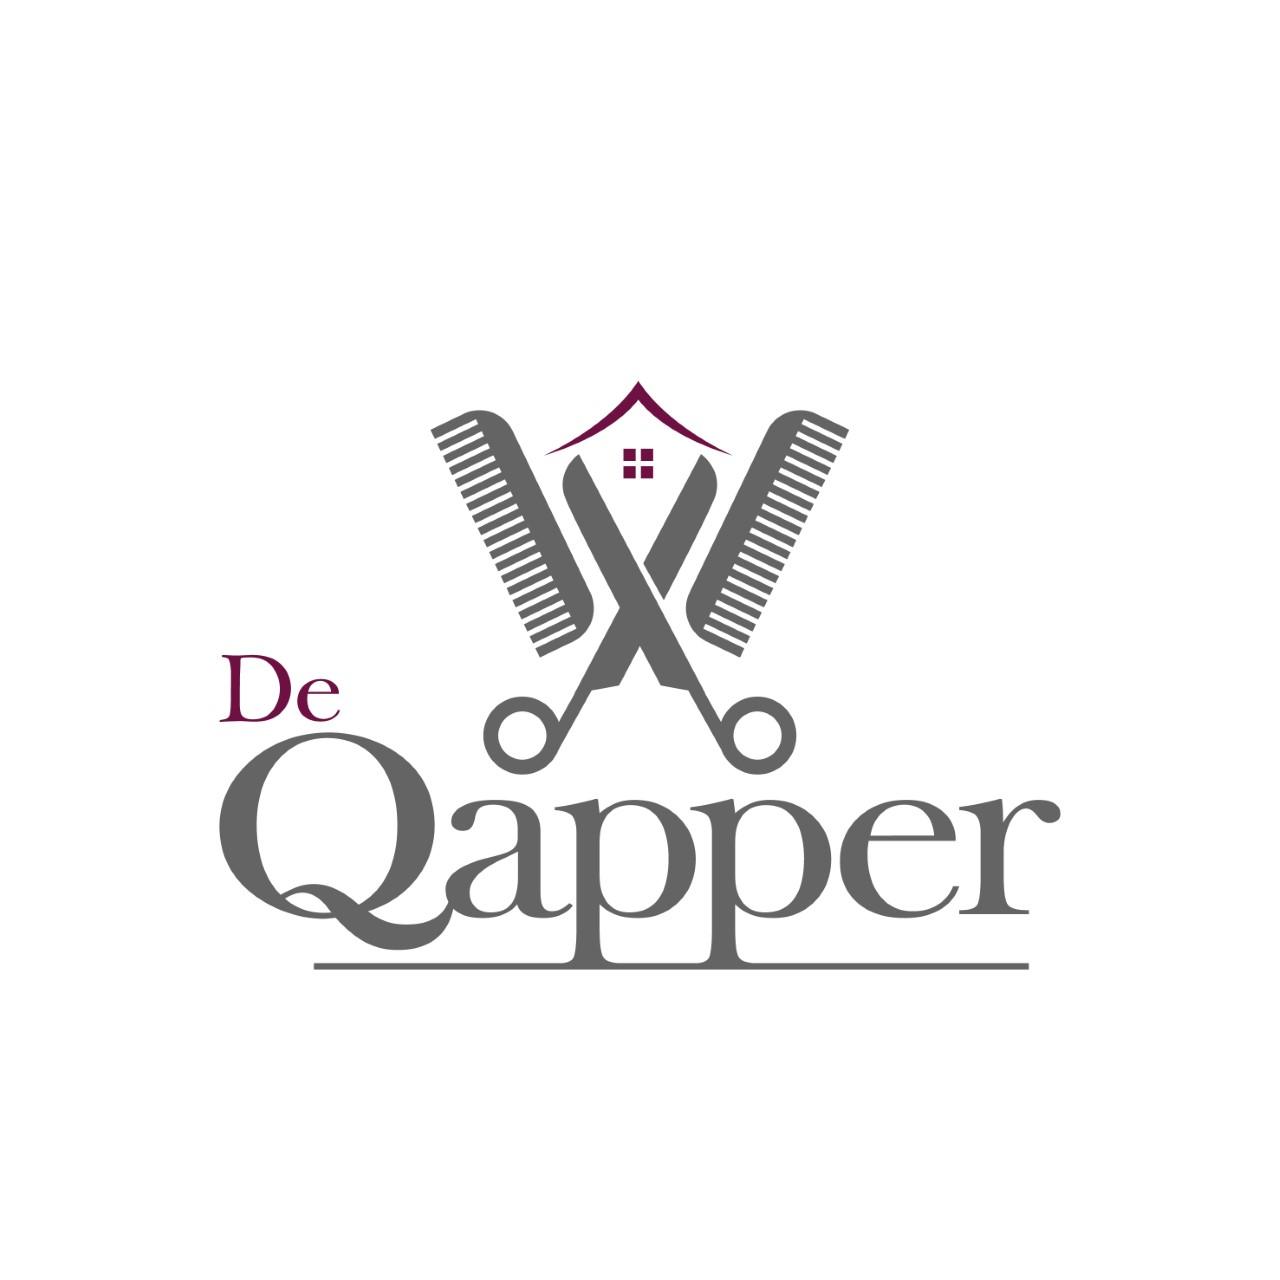 De Qapper